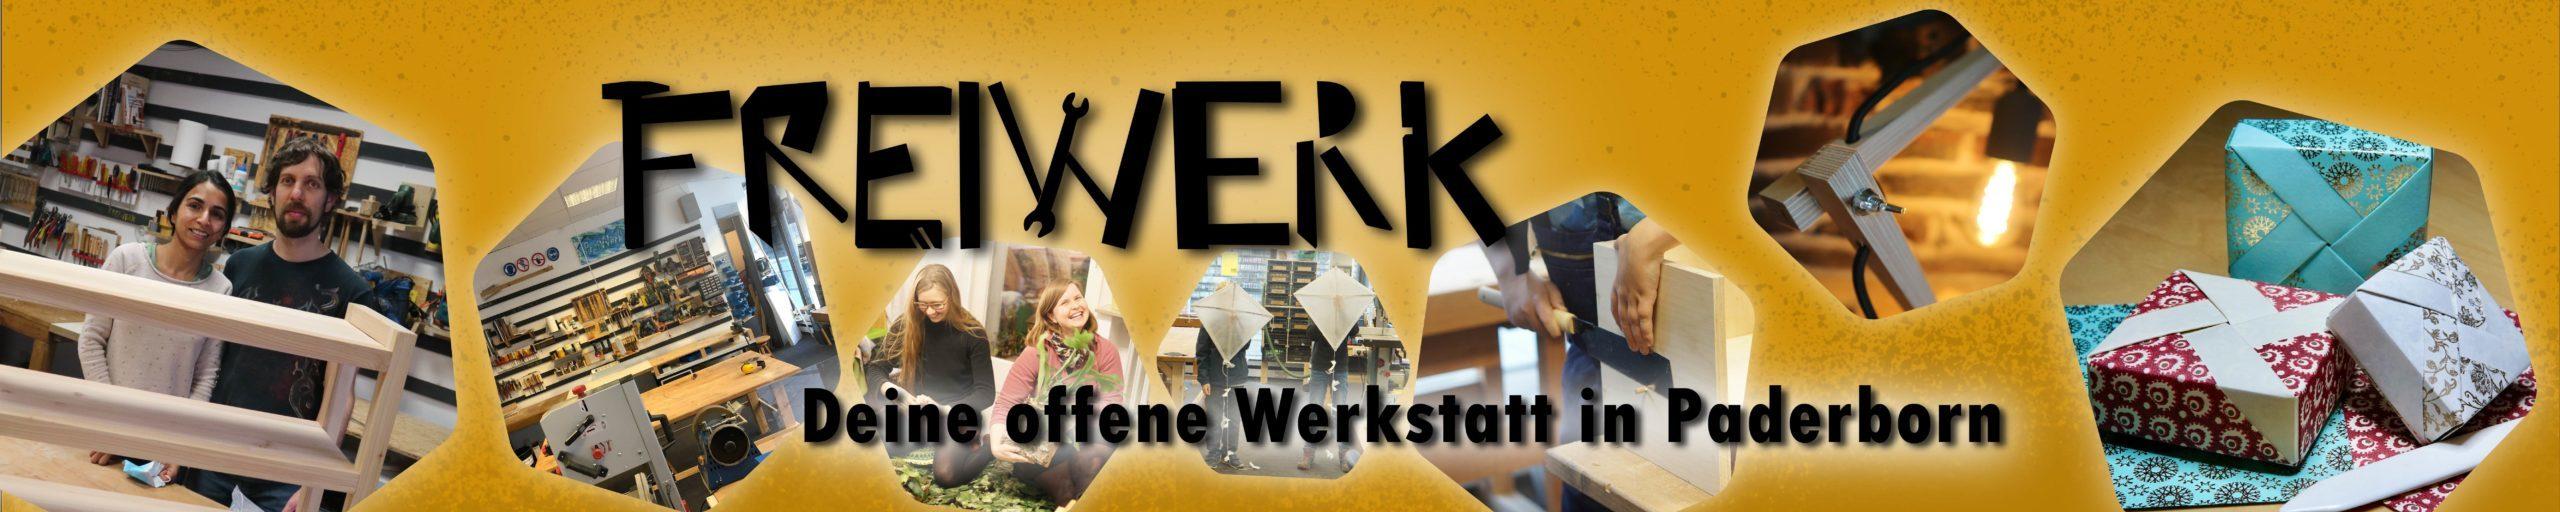 FreiWerk Paderborn